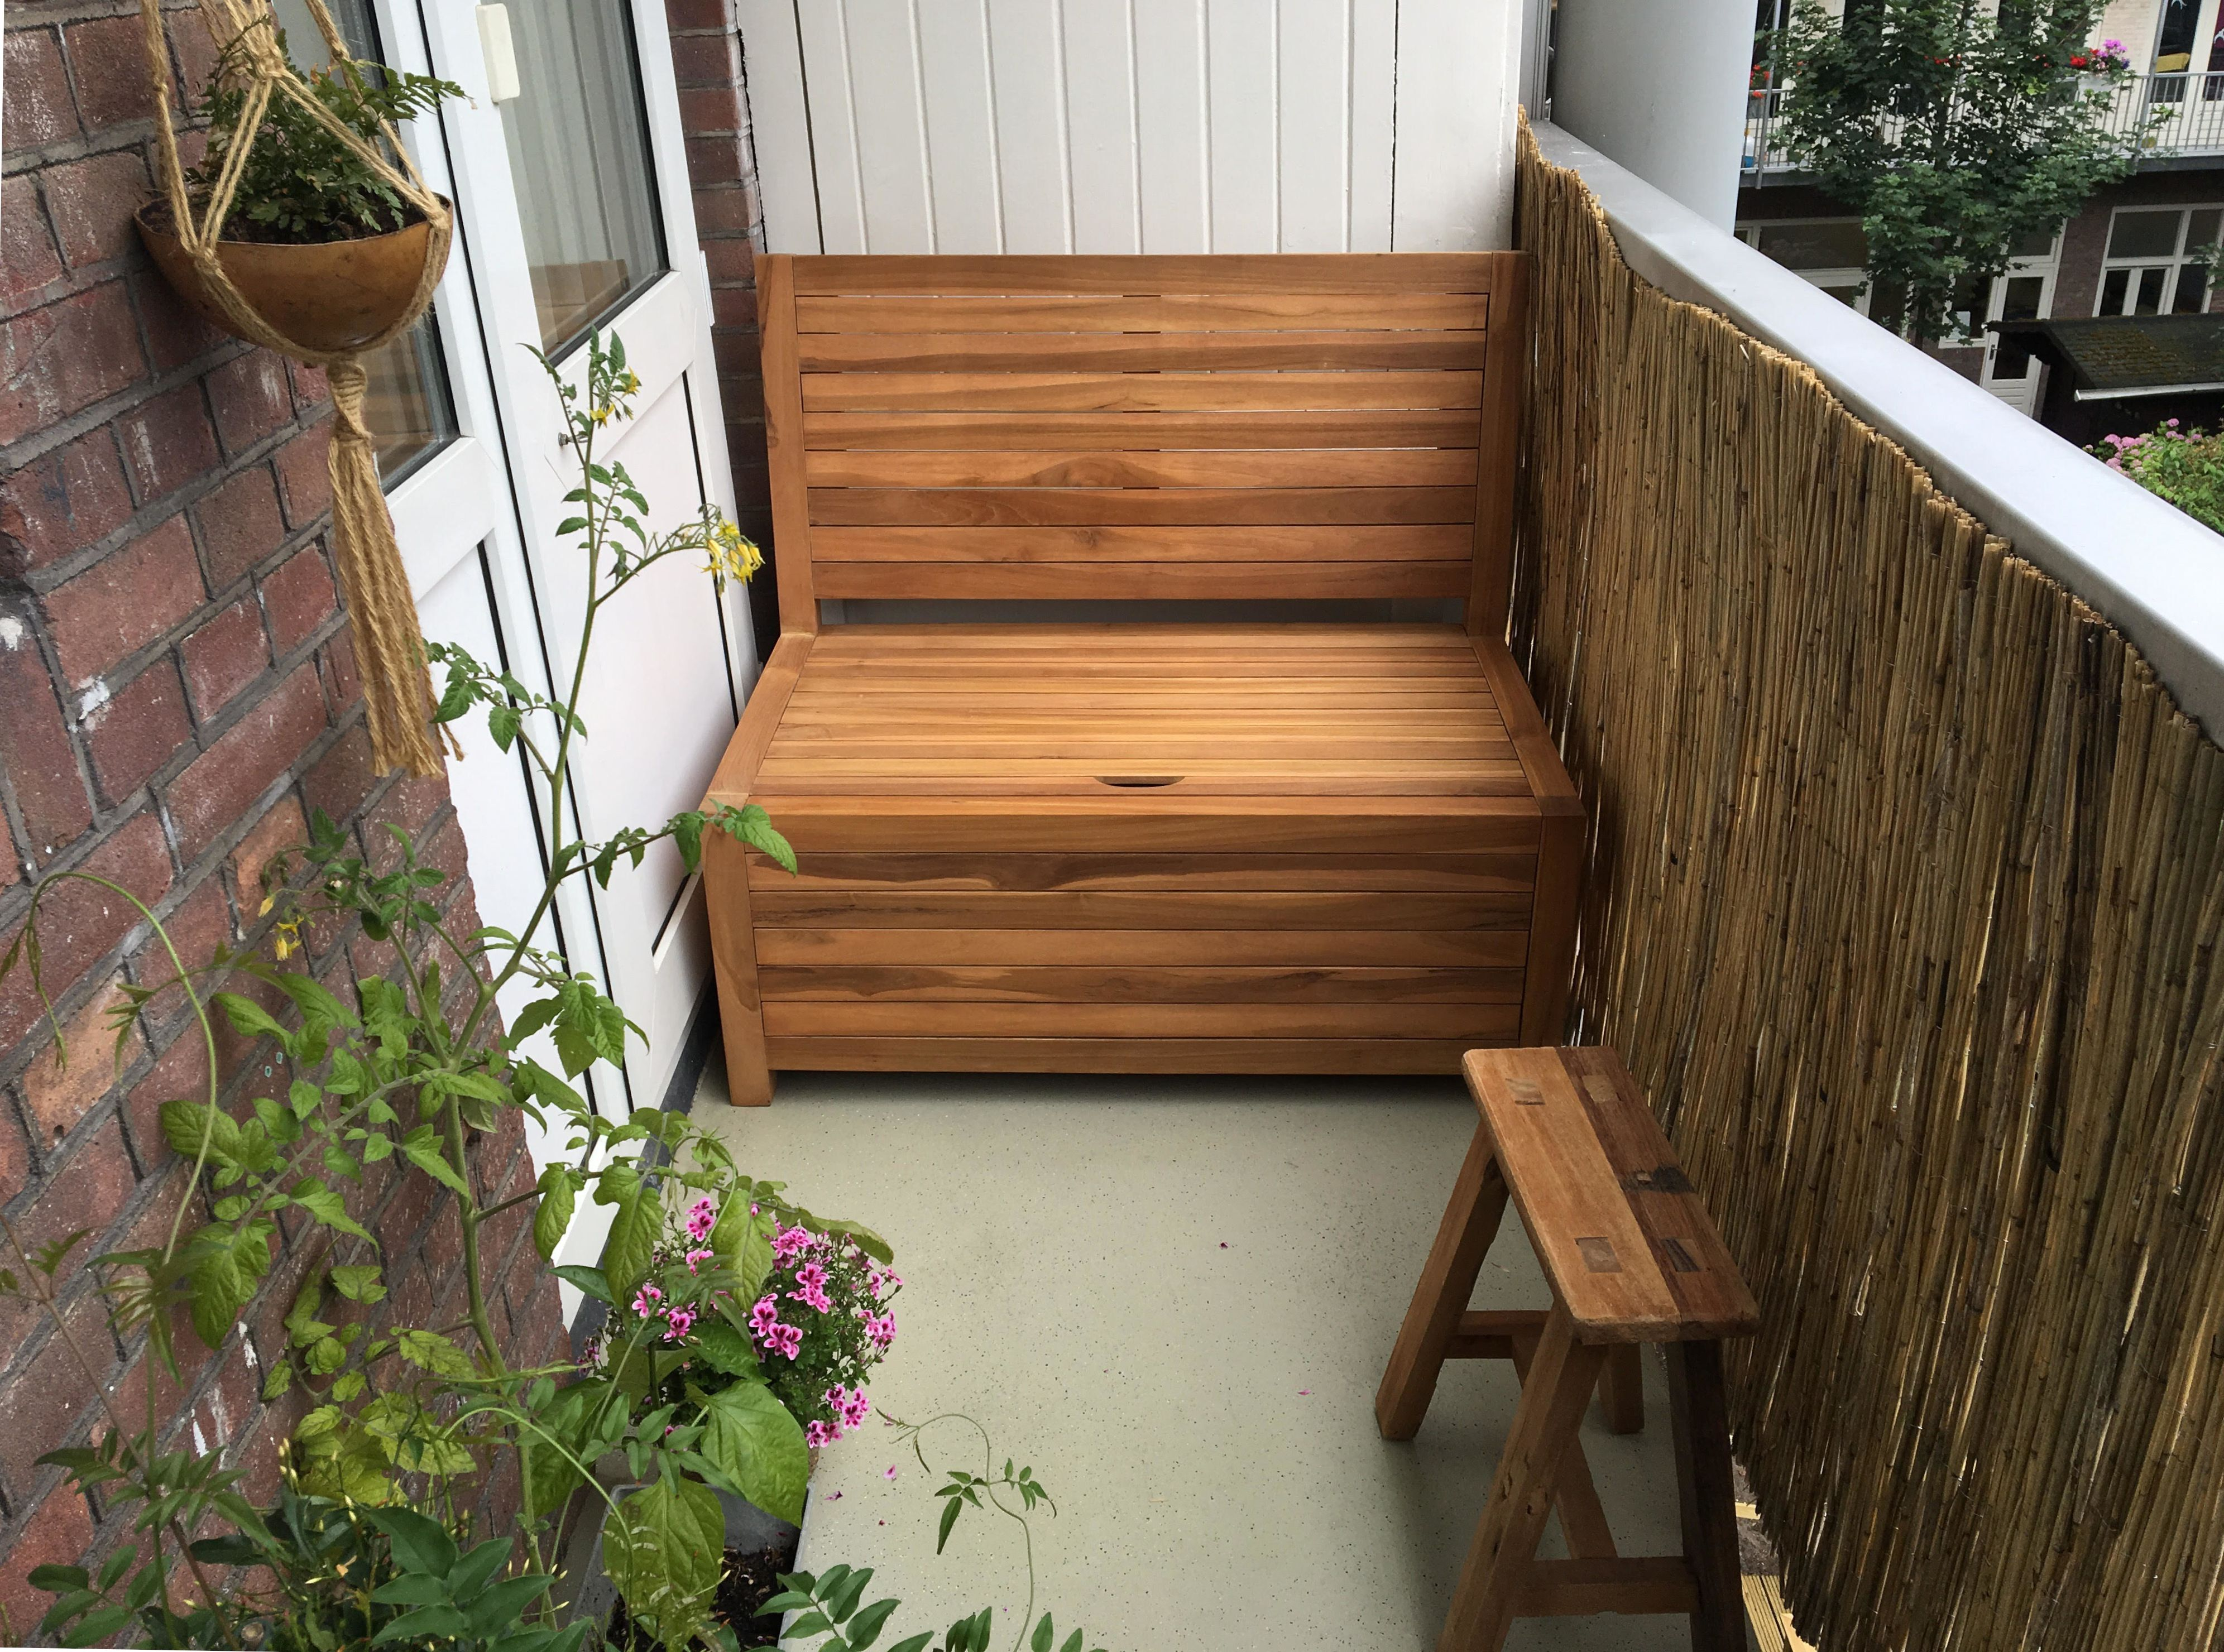 Kleine loungebank voor op het balkon! 1 meter breed, gemaakt van duurzaam teakhout en met opbergruimte!